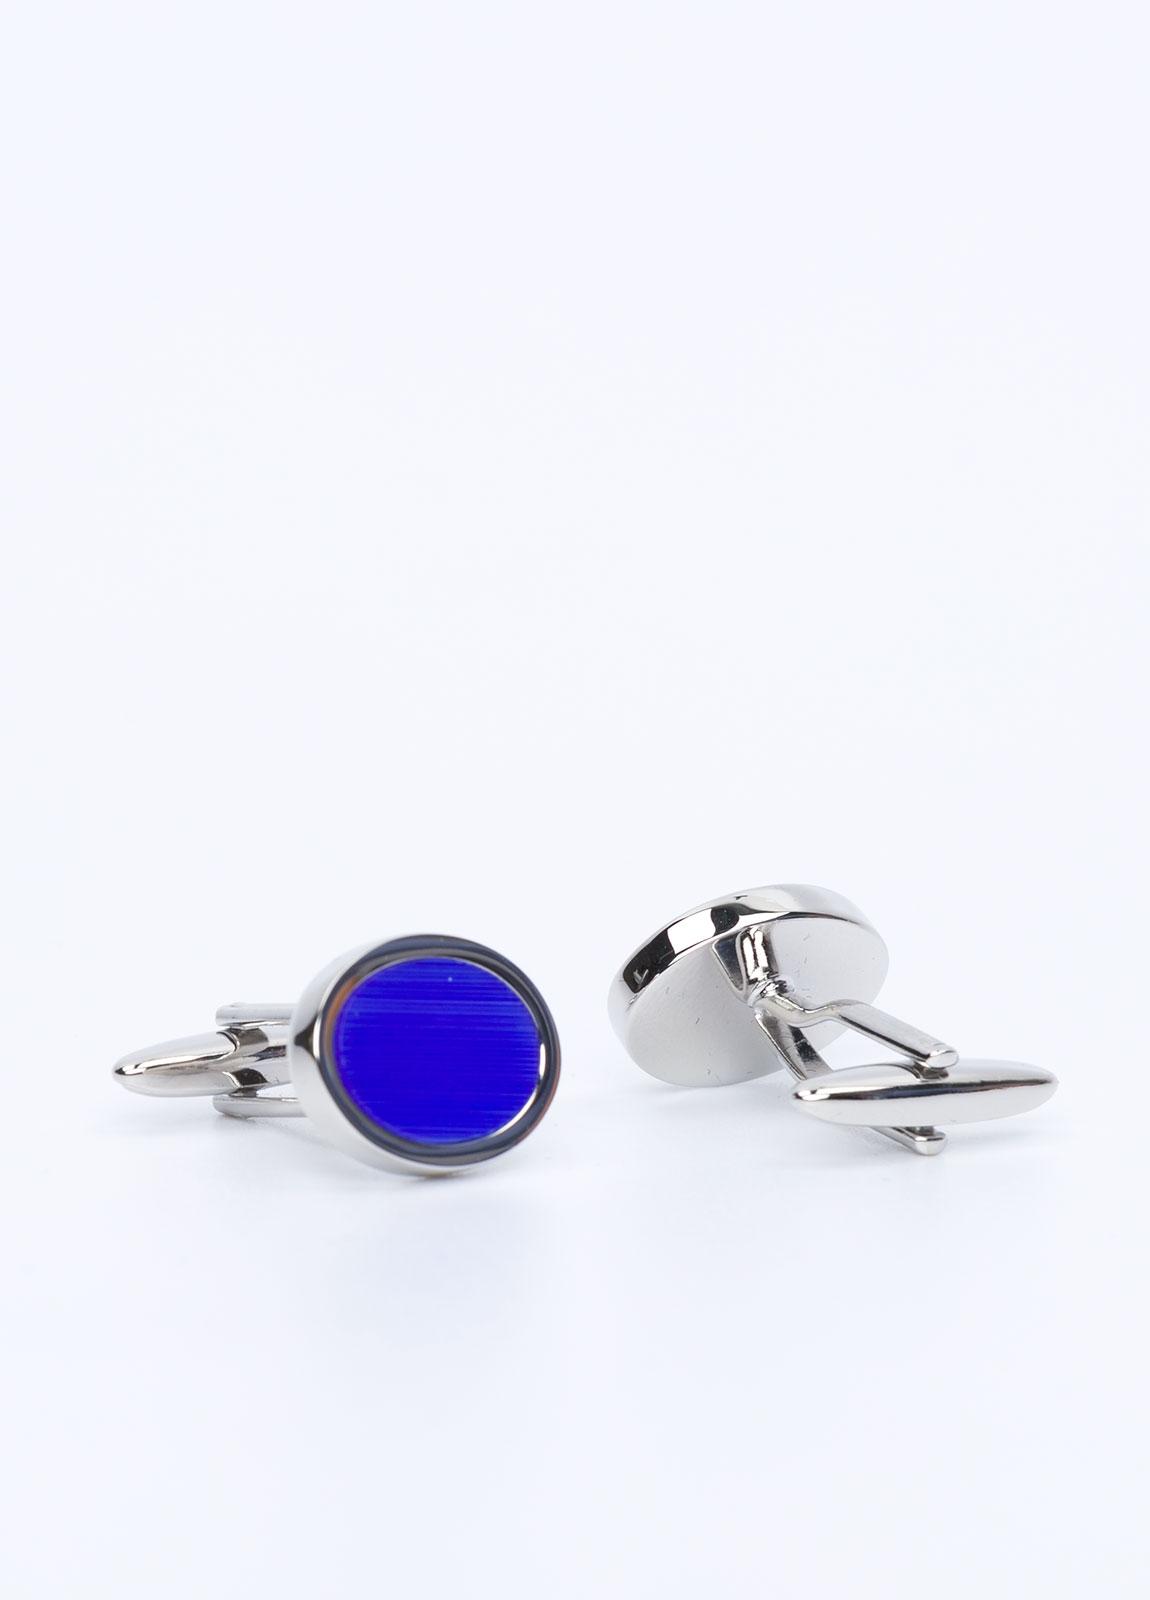 Gemelos FUREST COLECCIÓN azul royal